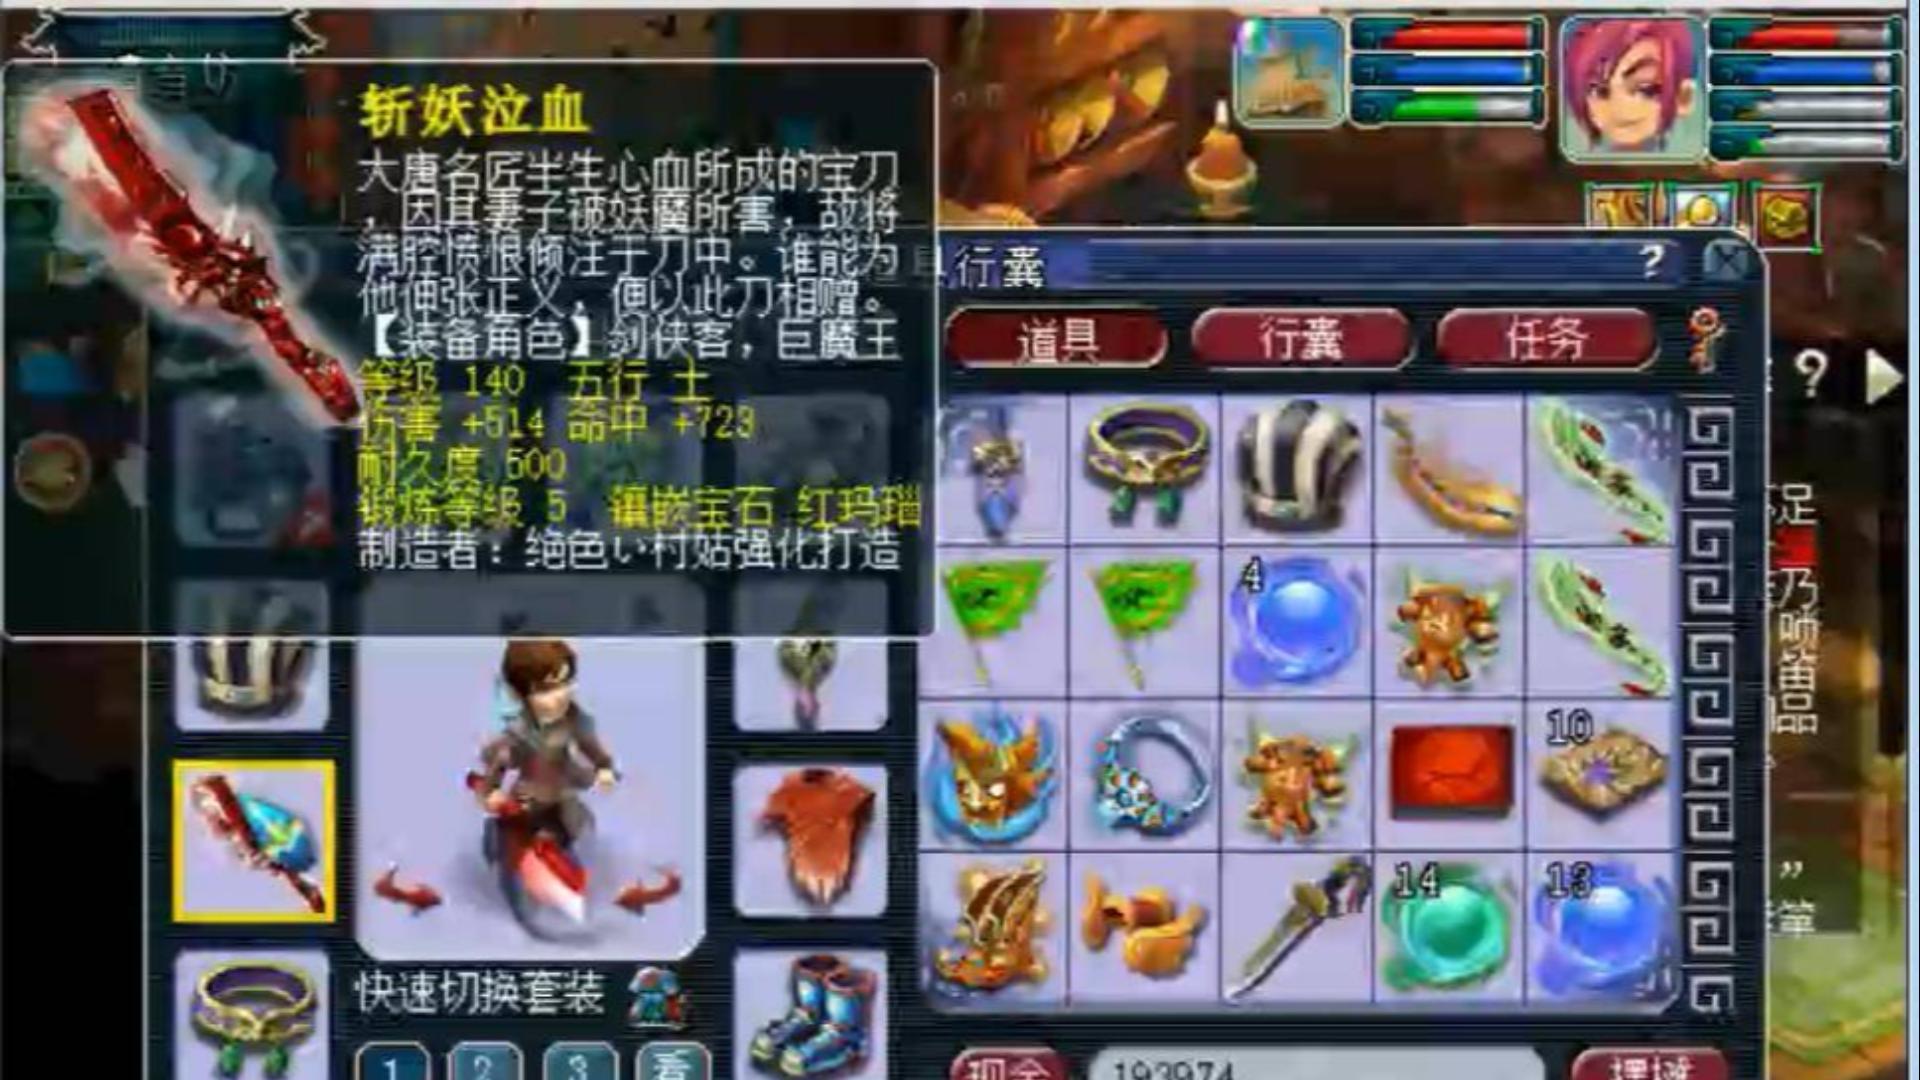 梦幻西游:老王花3800多块买了个打图号,上号看看有没有意外收获